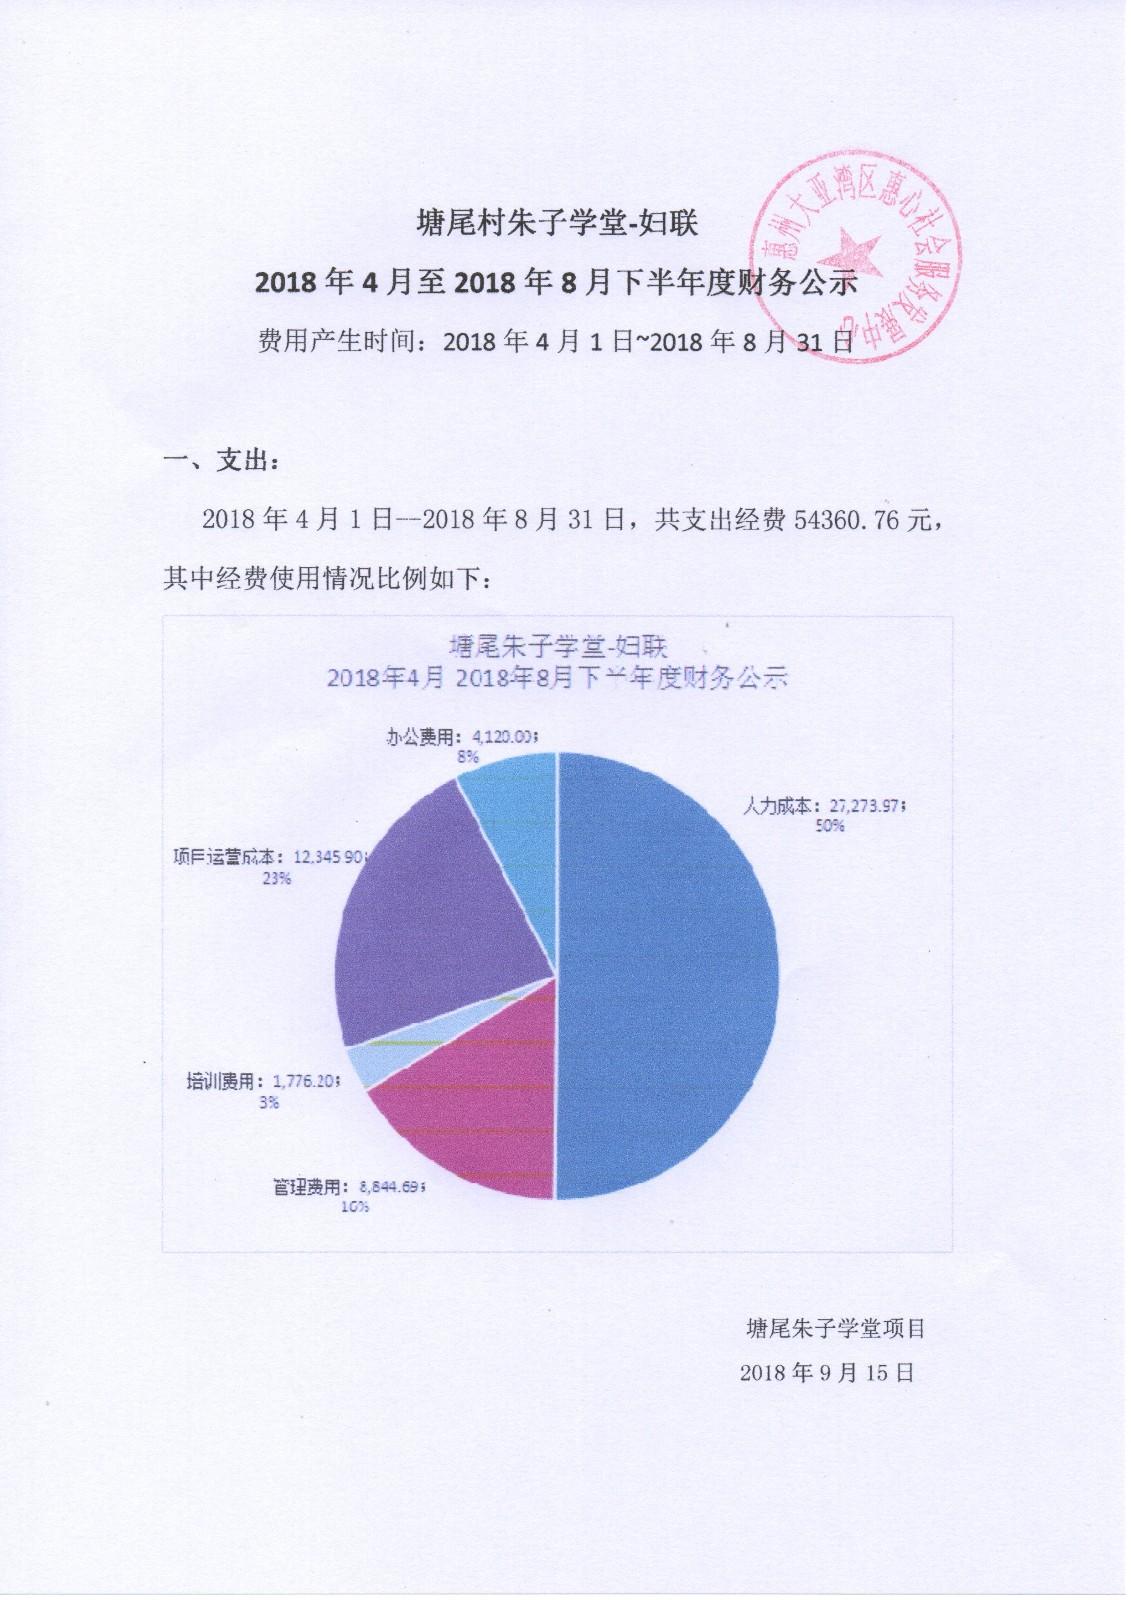 朱子学堂财务公示妇联下半年.jpg